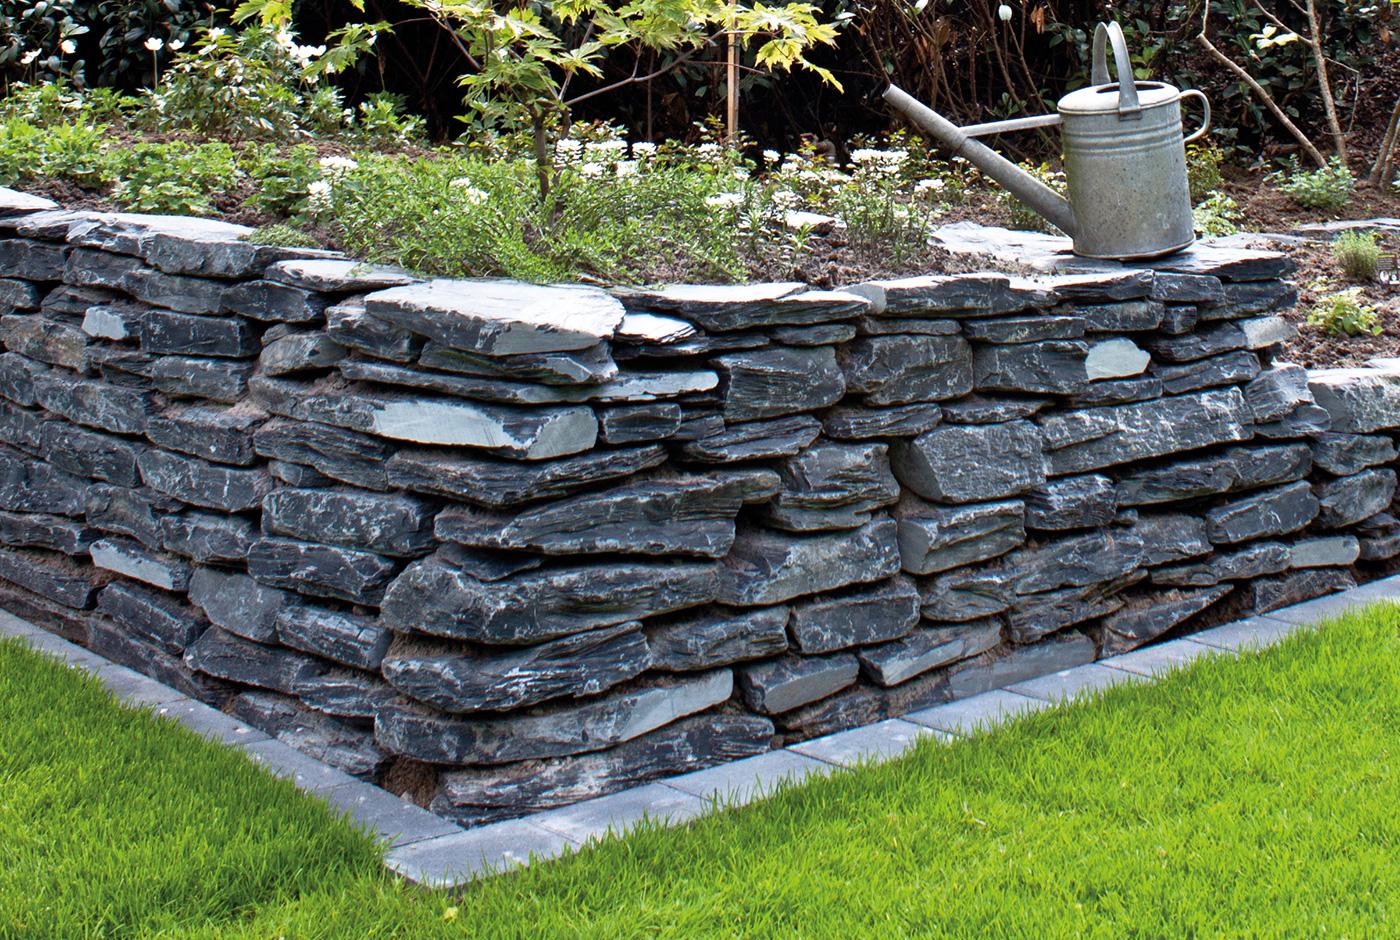 Gartengestaltung Mauersteine, schieferplatten und schiefersteine im garten - so muss das!, Design ideen